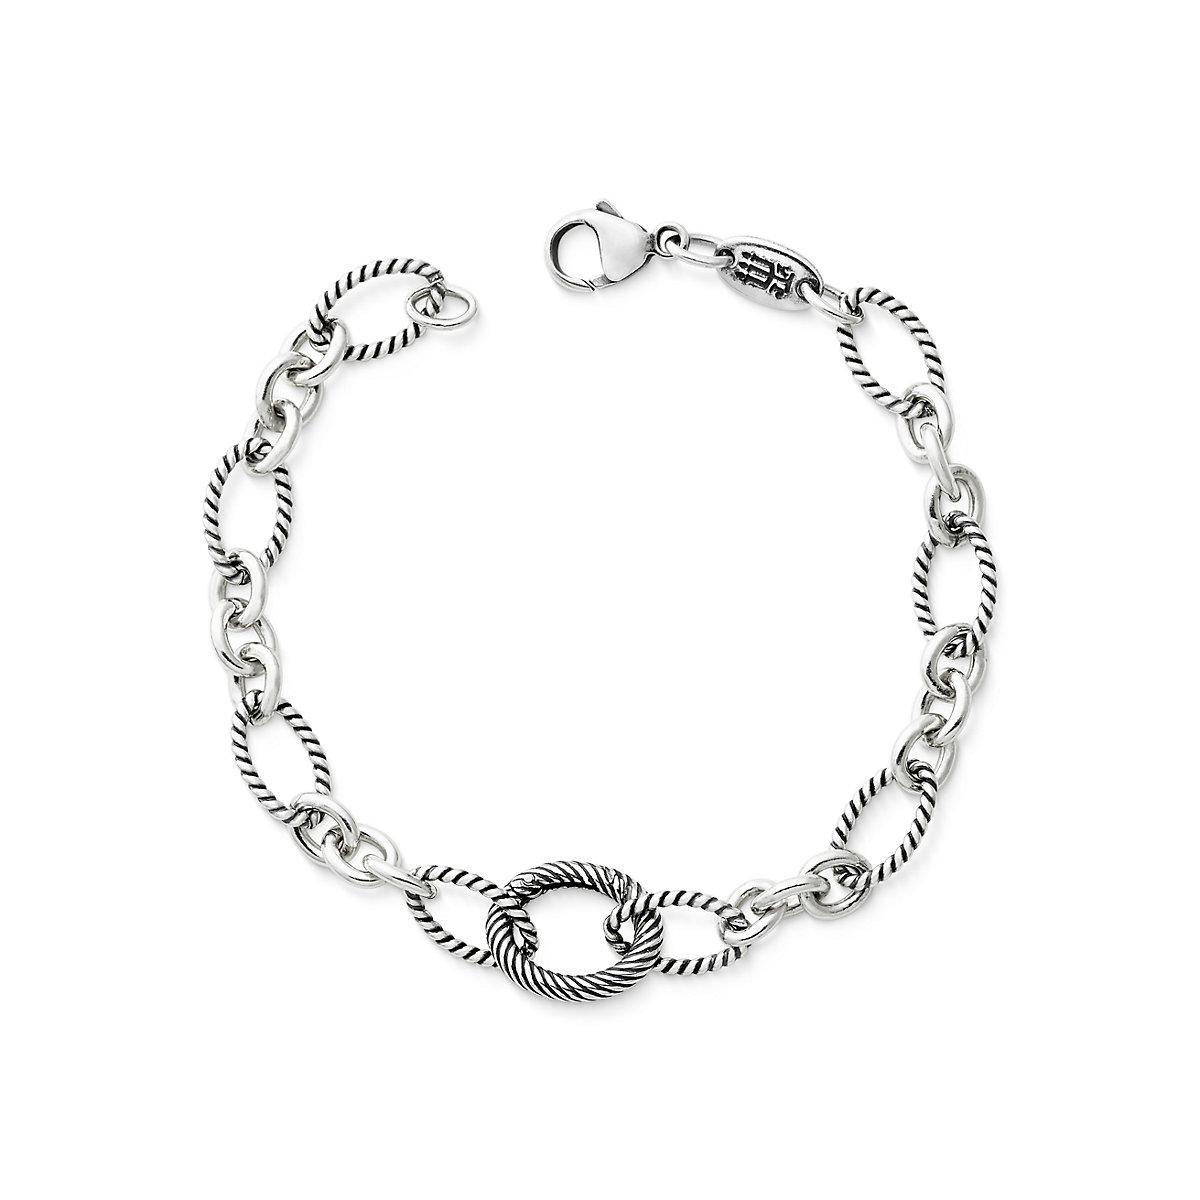 Oval Twist Changeable Charm Bracelet - James Avery